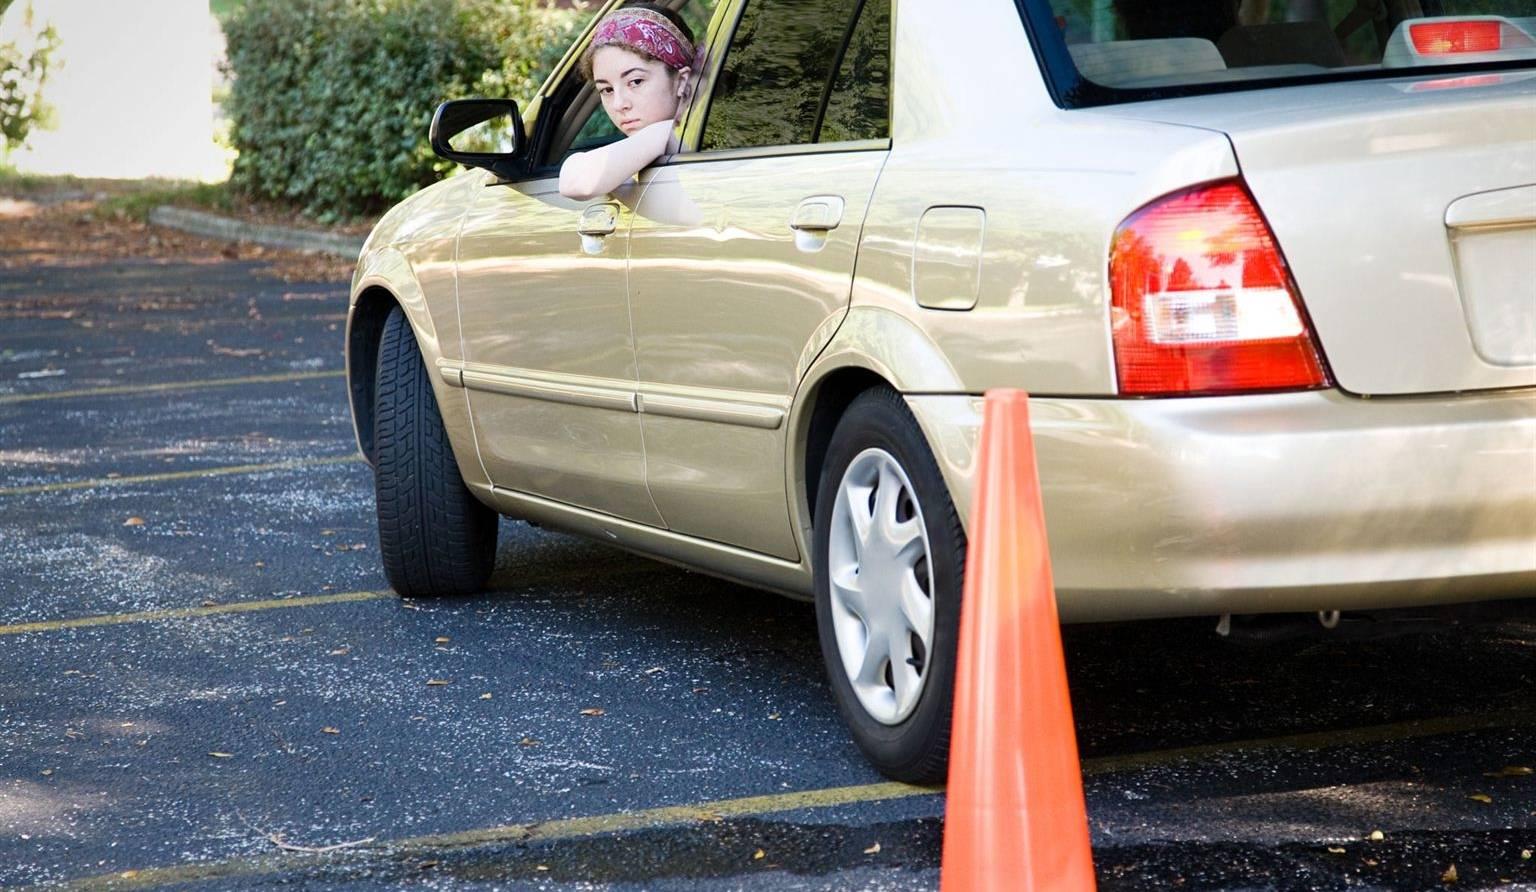 Comment choisir une ecole de conduite - Les etapes pour obtenir un permis de conduire